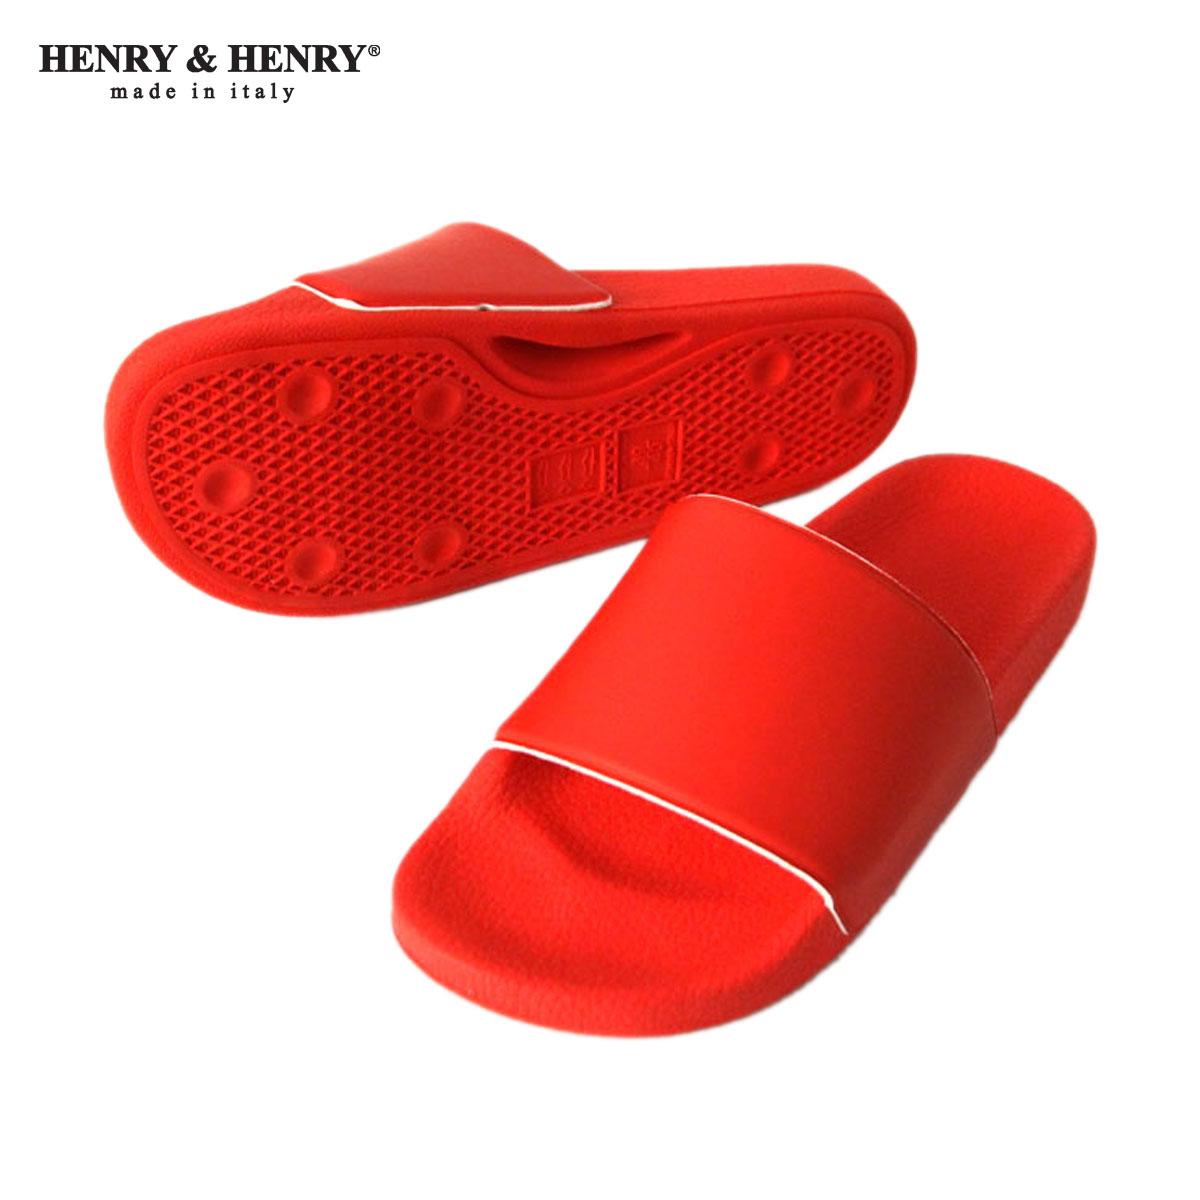 ヘンリーアンドヘンリー HENRY&HENRY 正規販売店 サンダル 180 SHOWER SANDAL RED 17 A66B B3C C4D D3E E11F